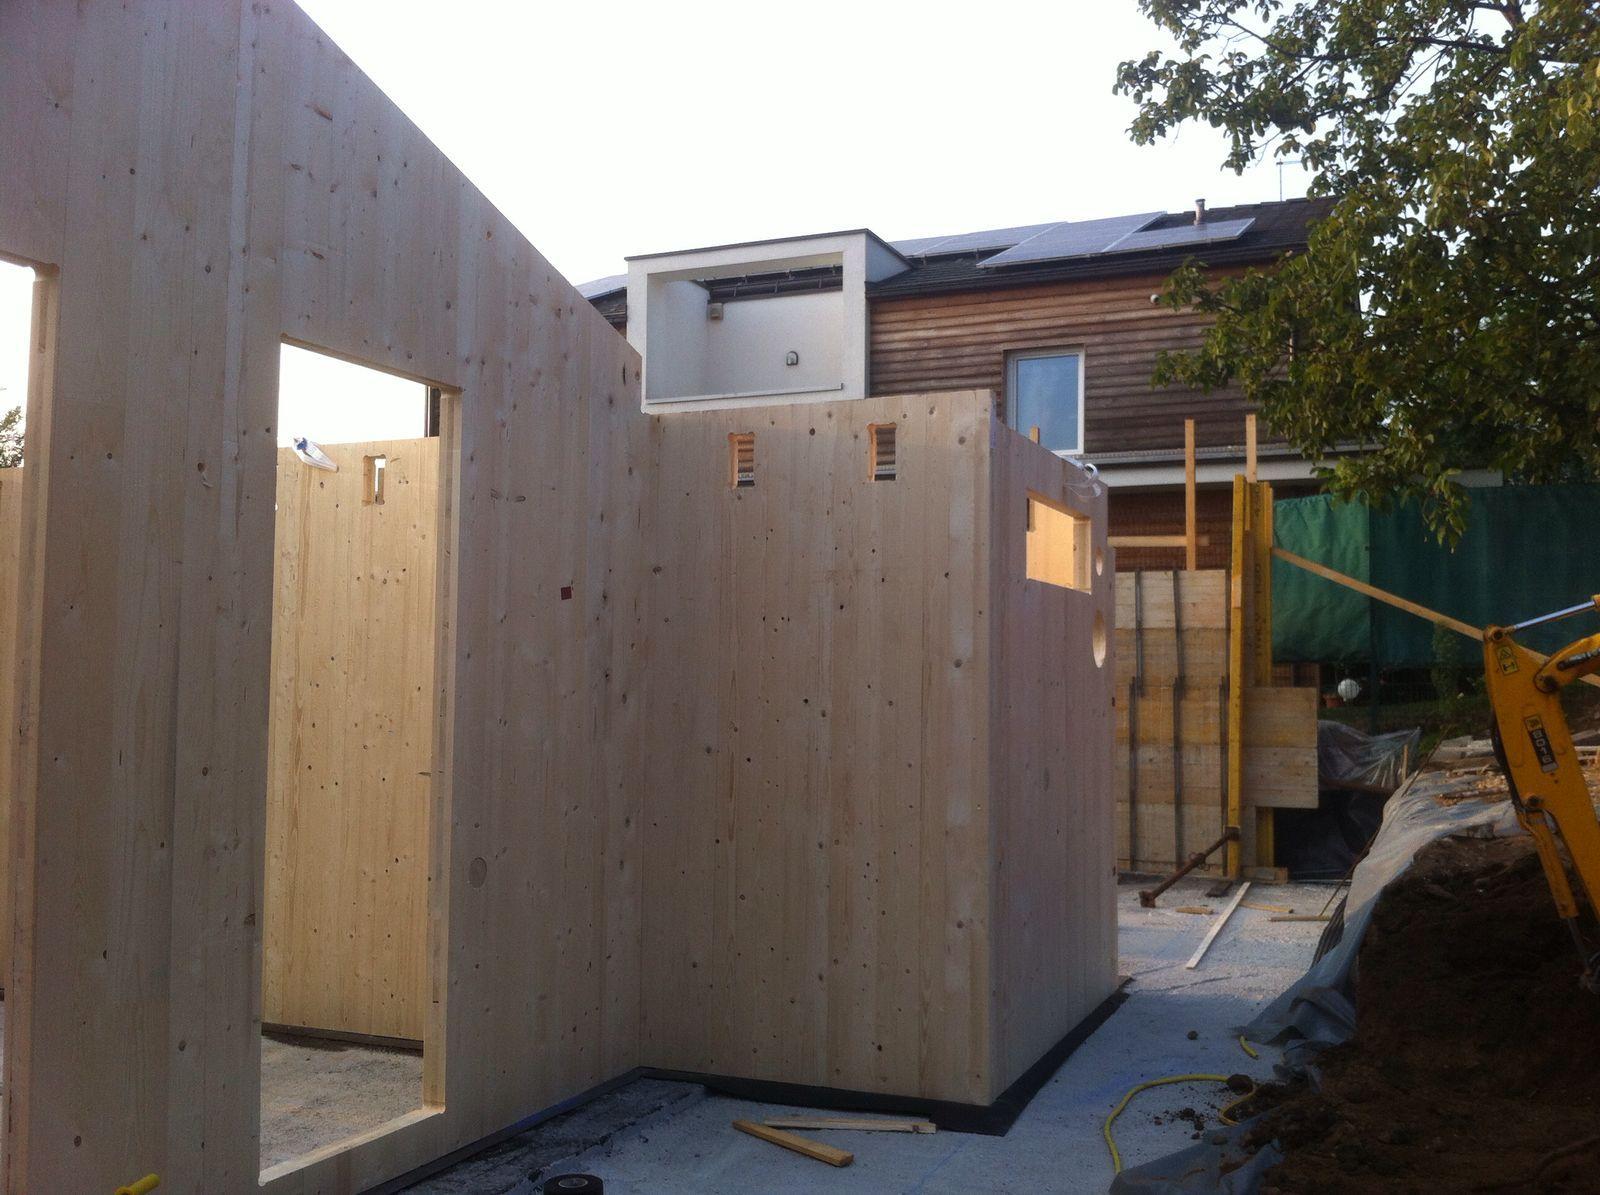 Casa in legno a Cermenate - Edifici e Case in legno